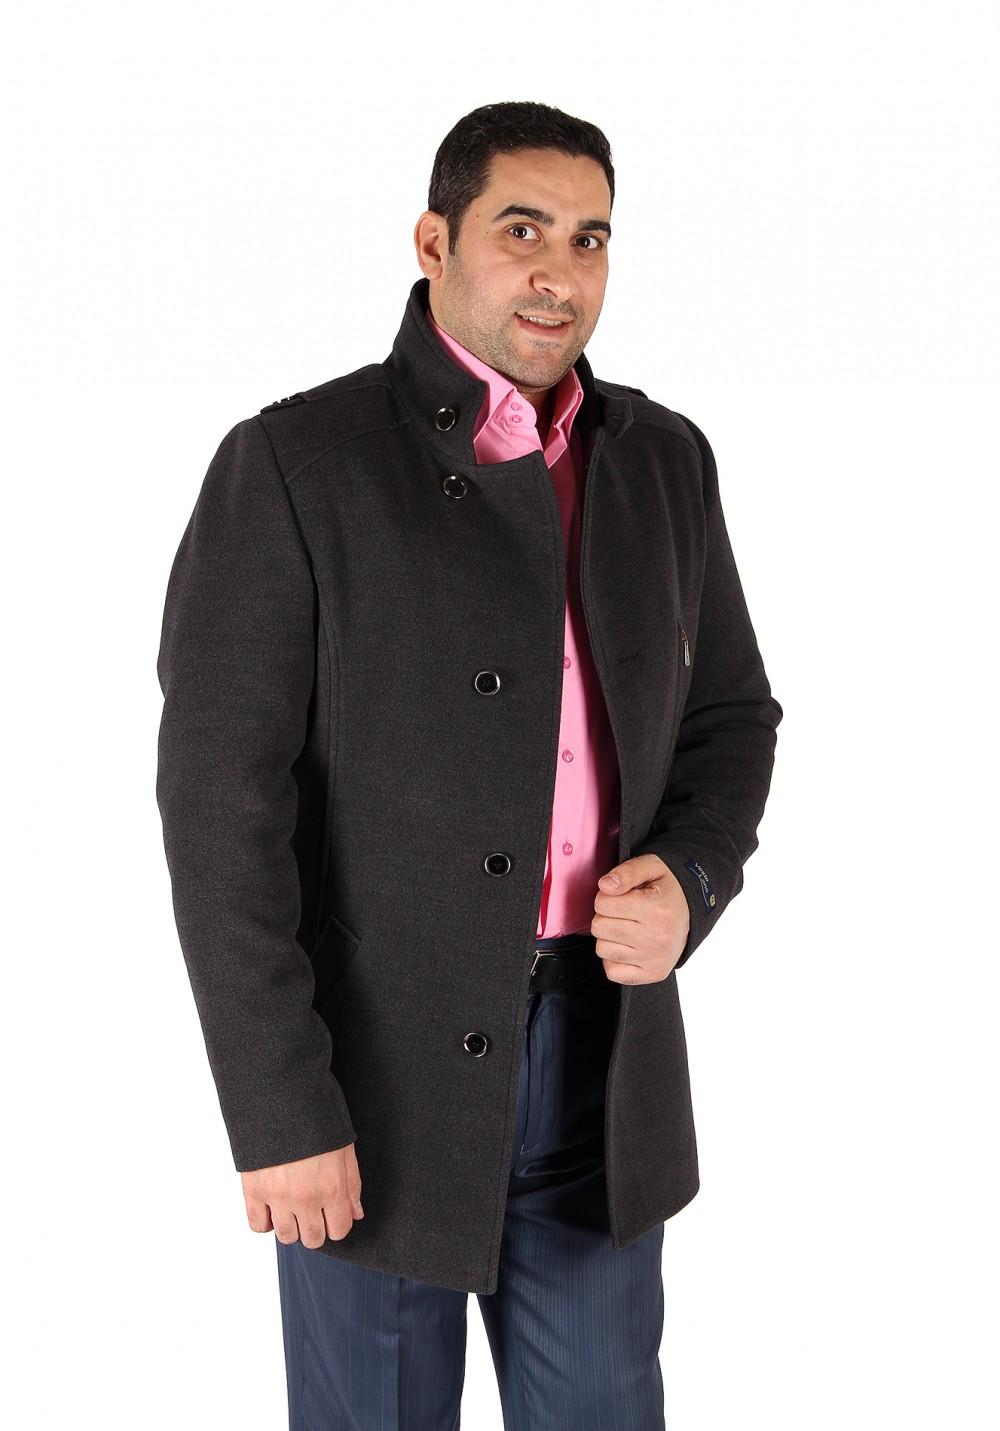 Купить Полупальто мужское серого цвета Кс-25Sr